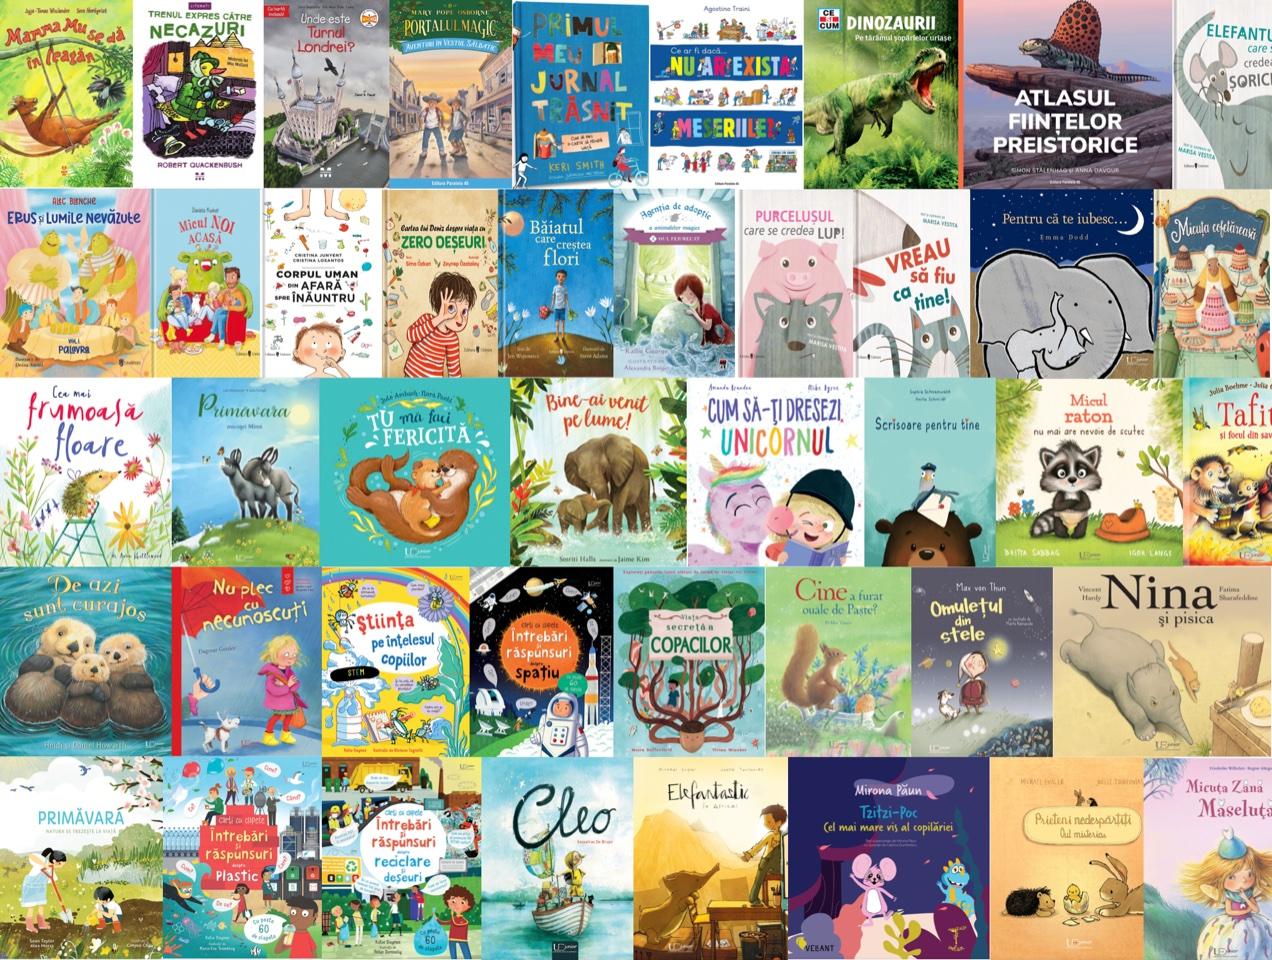 Noutăți editoriale pentru copii ianuarie-martie 2021 — V